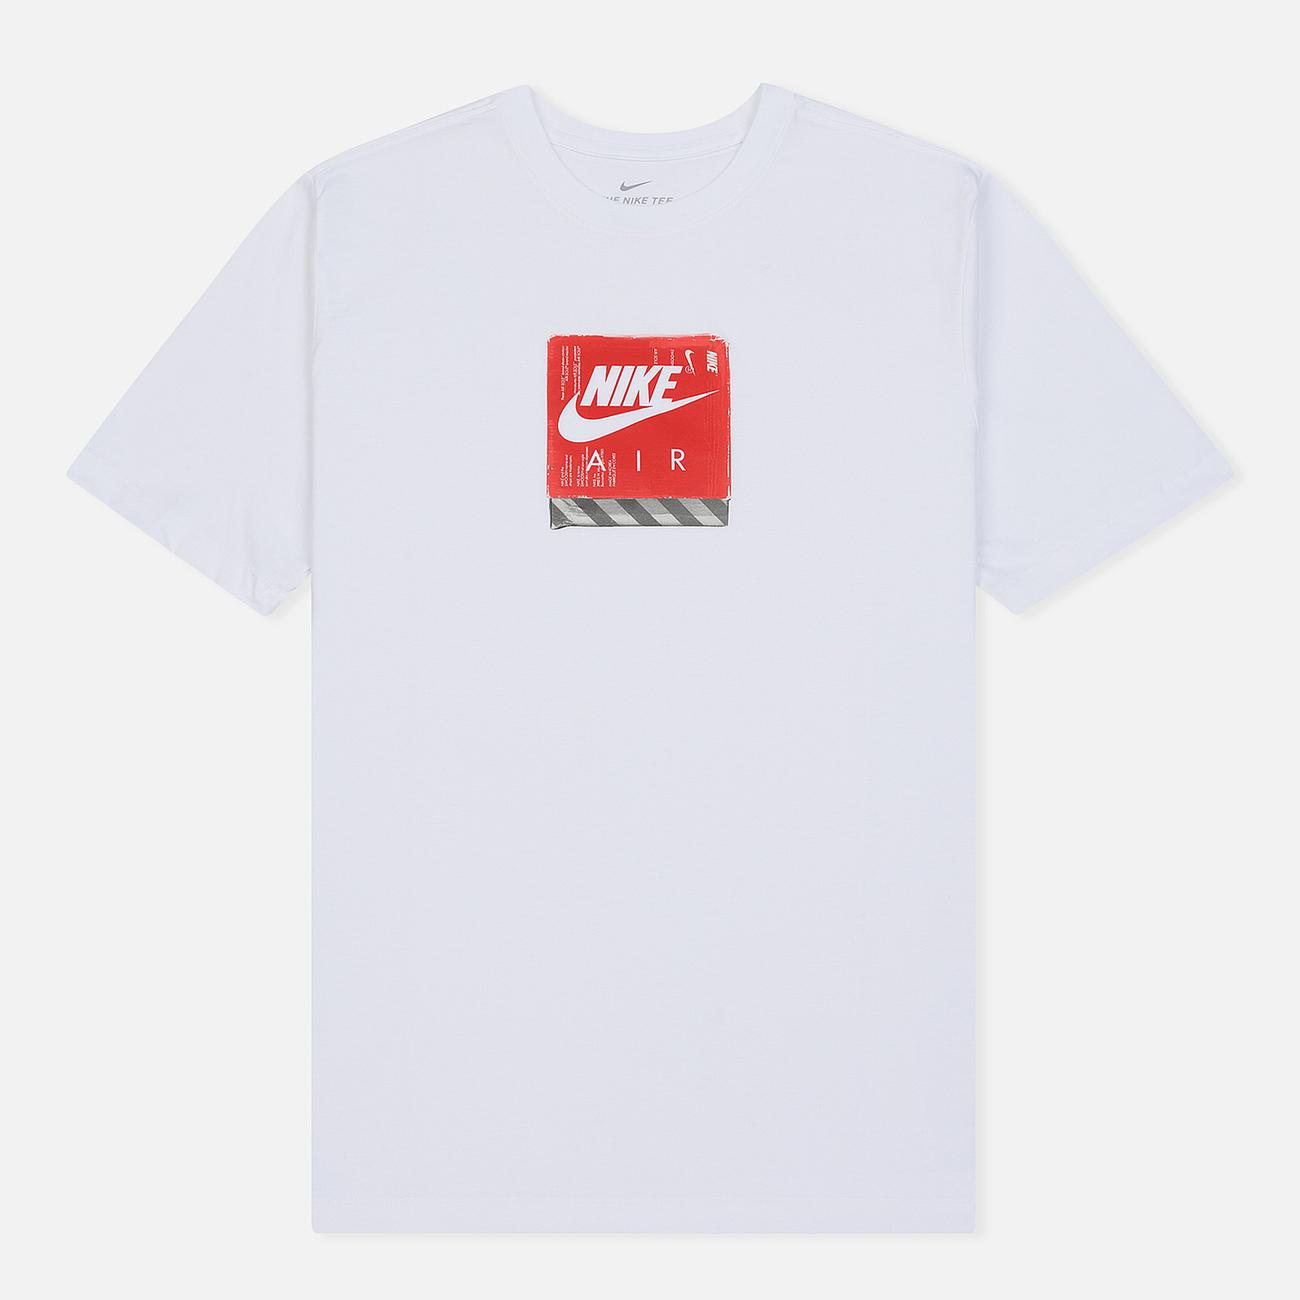 Мужская футболка Nike Footwear Pack 4 White